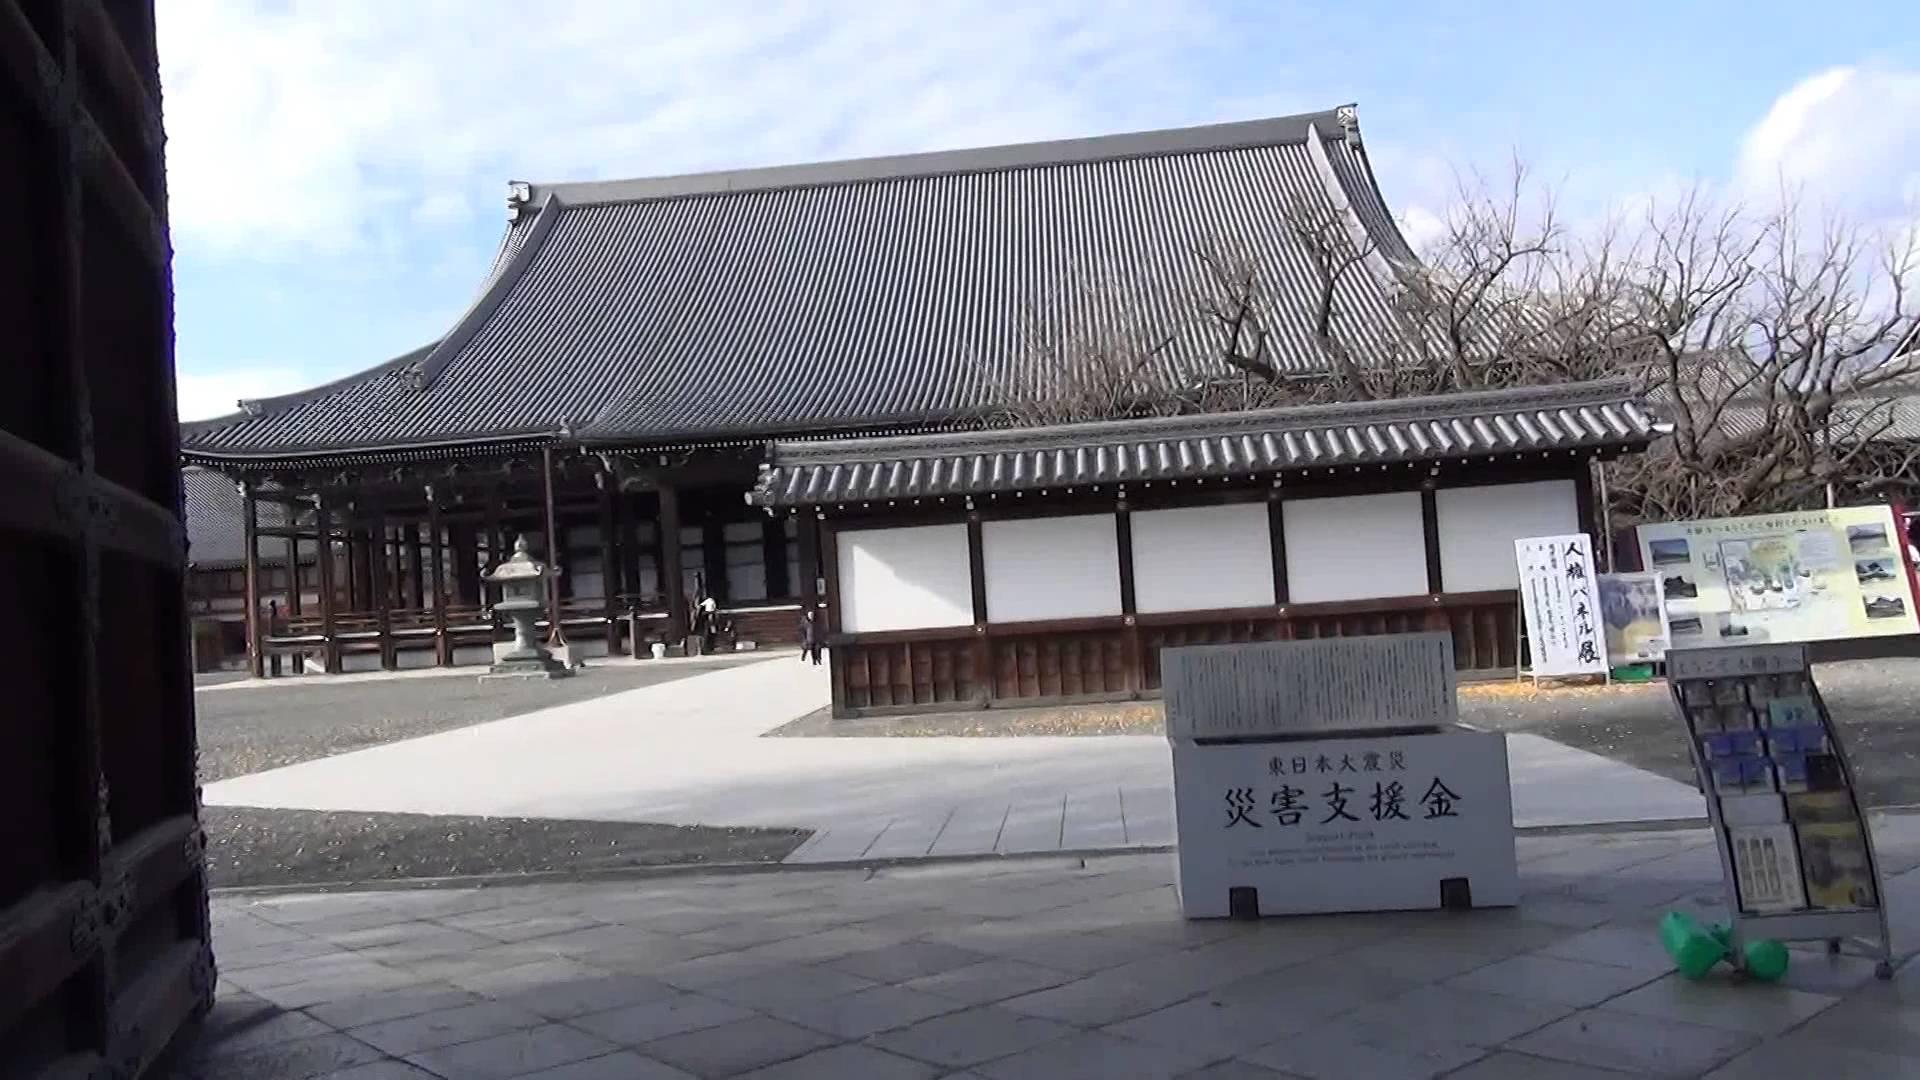 西本願寺編1 御影堂門から煤払い中の世界遺産へ